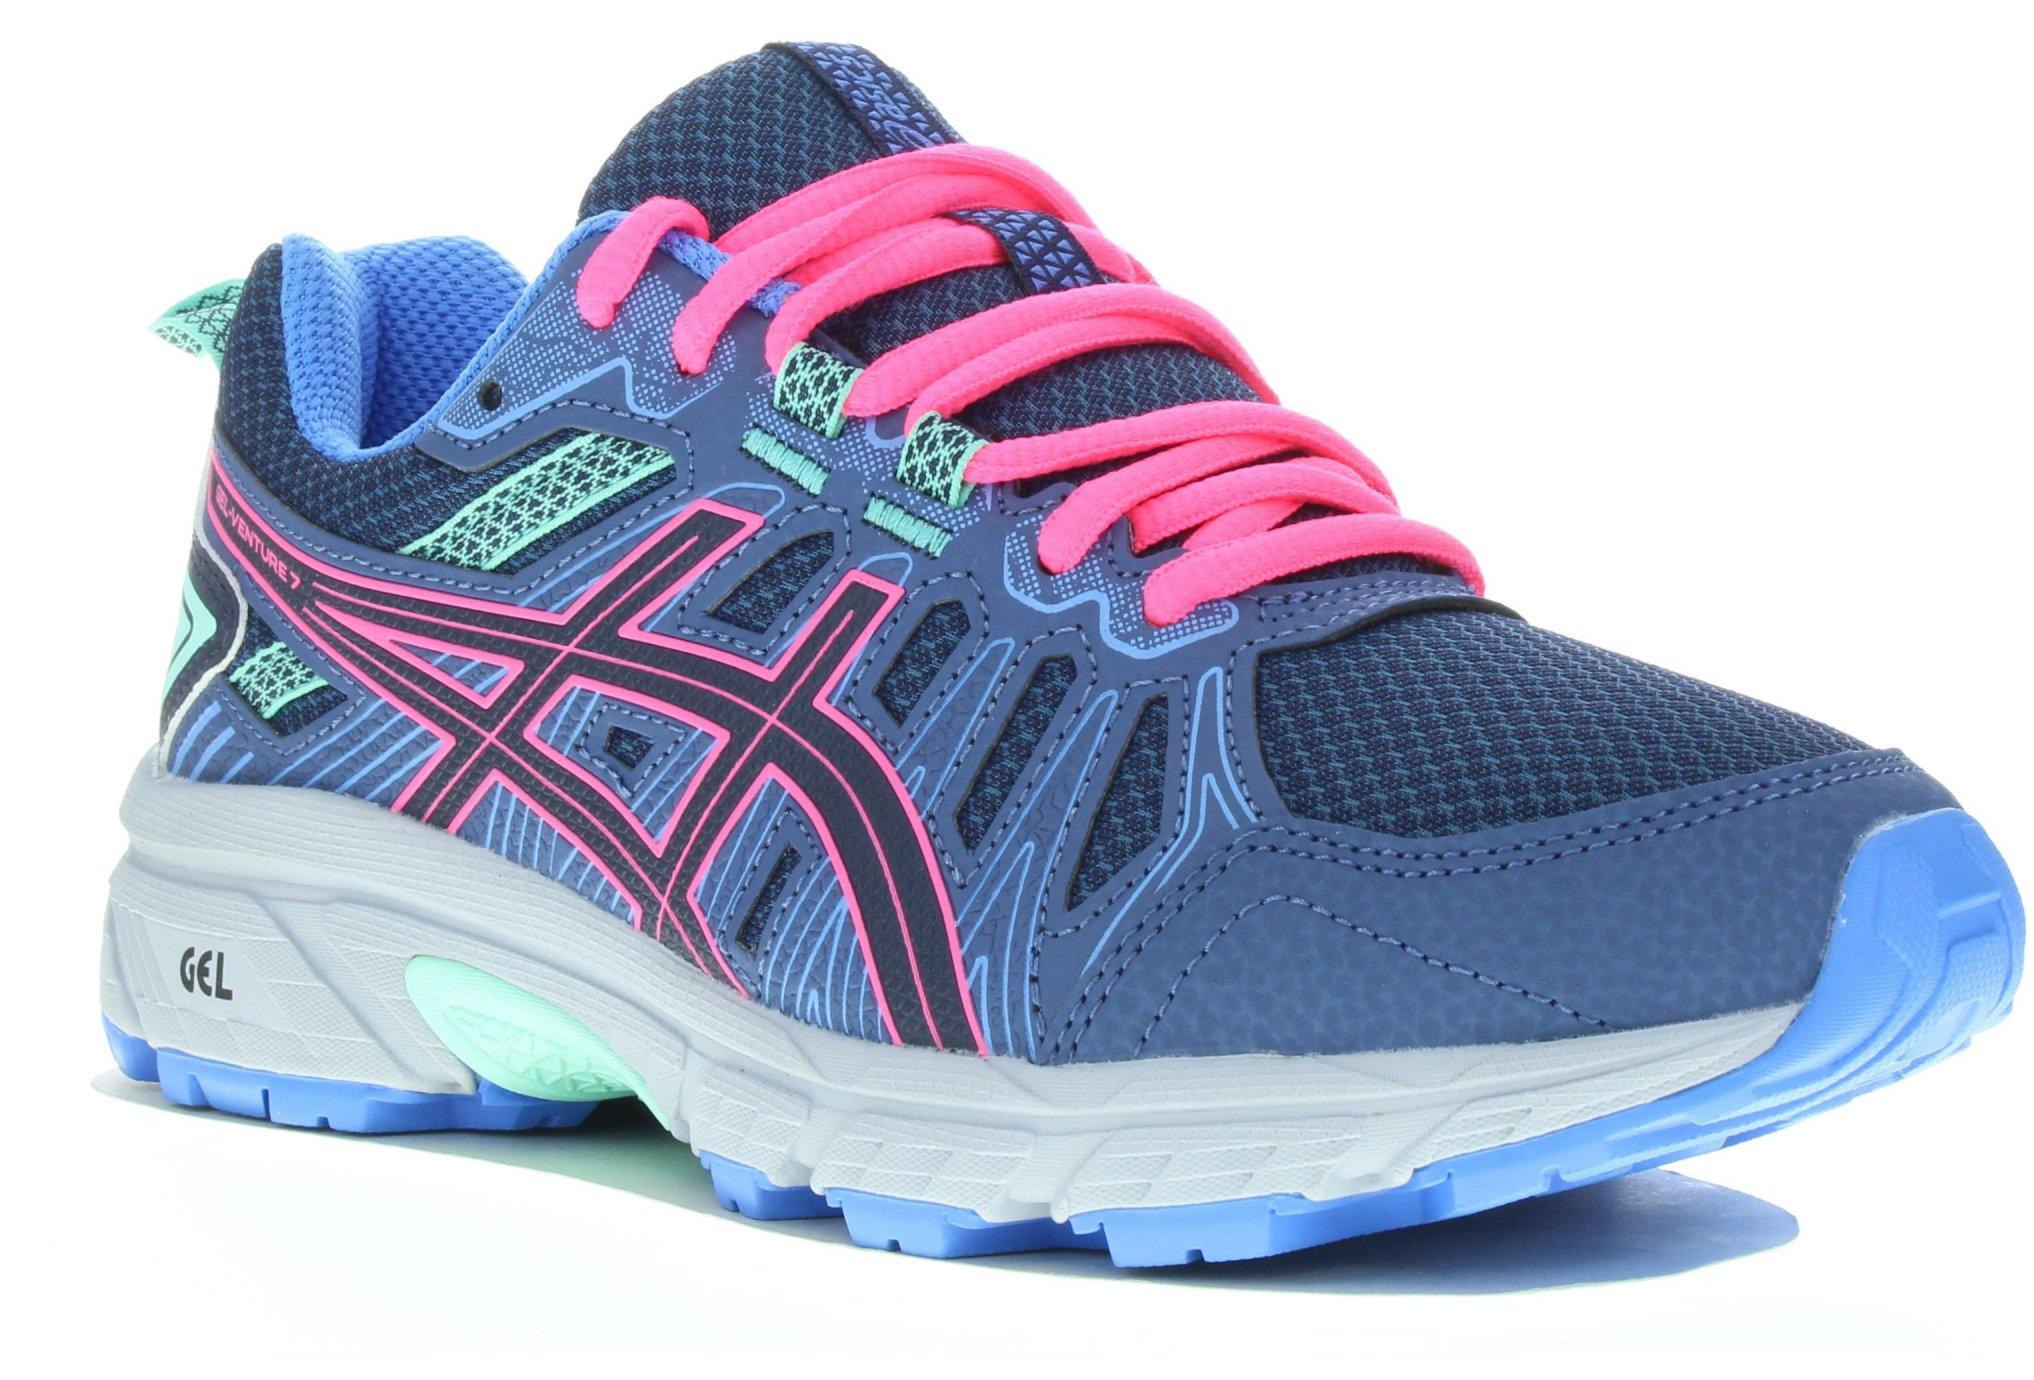 Asics Gel-Venture 7 Chaussures running femme